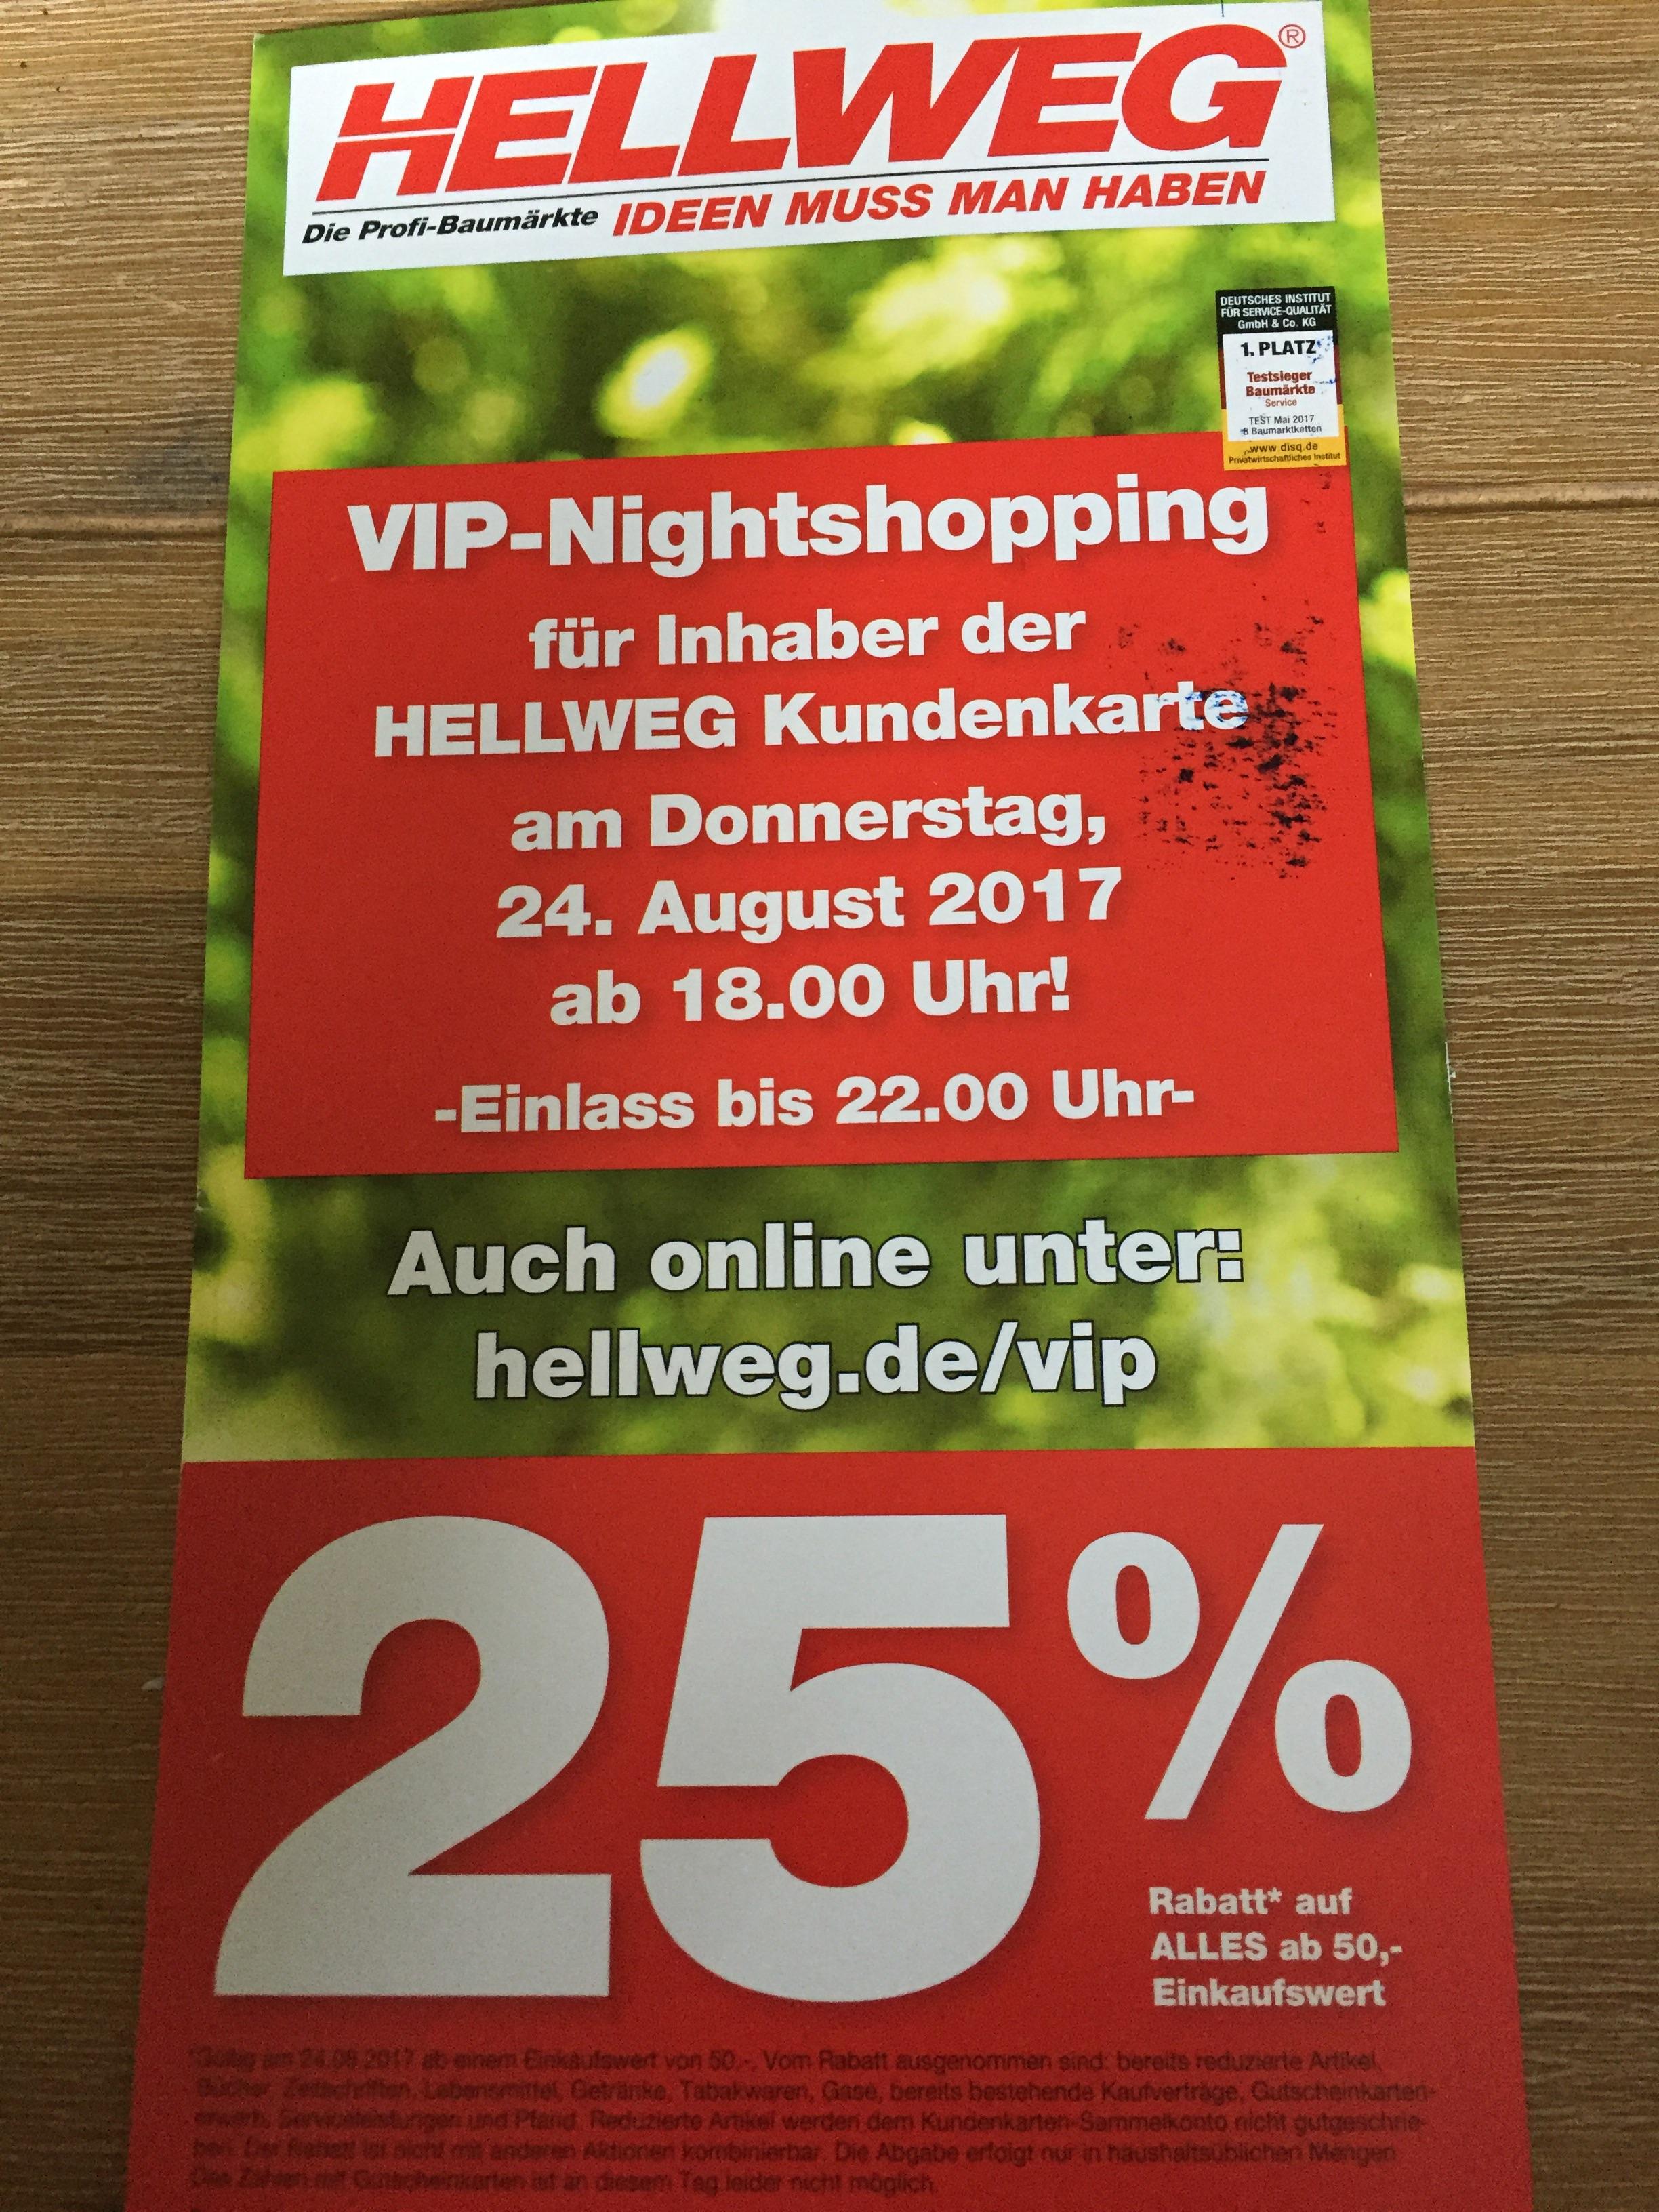 Hellweg 25% auf alles online Bundesweit(Kundenkarte) Heute ab 18 Uhr